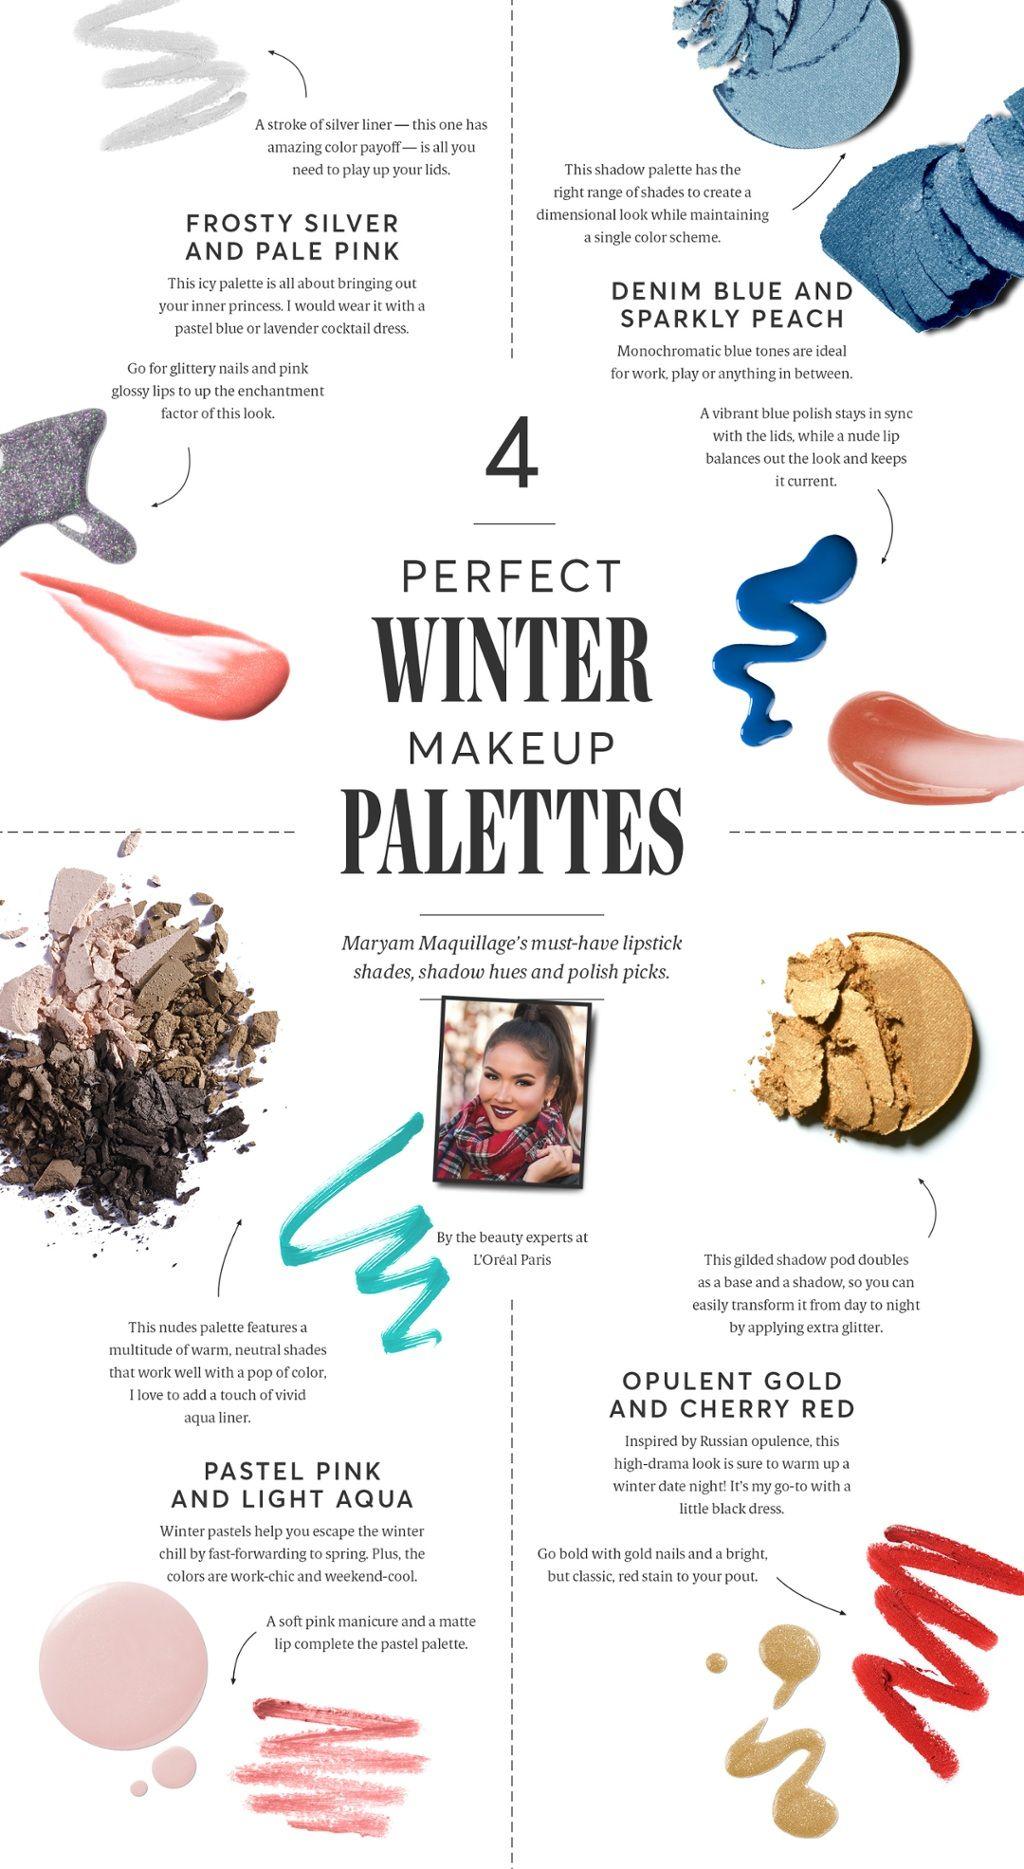 4 perfect winter makeup palettes Winter makeup, Makeup